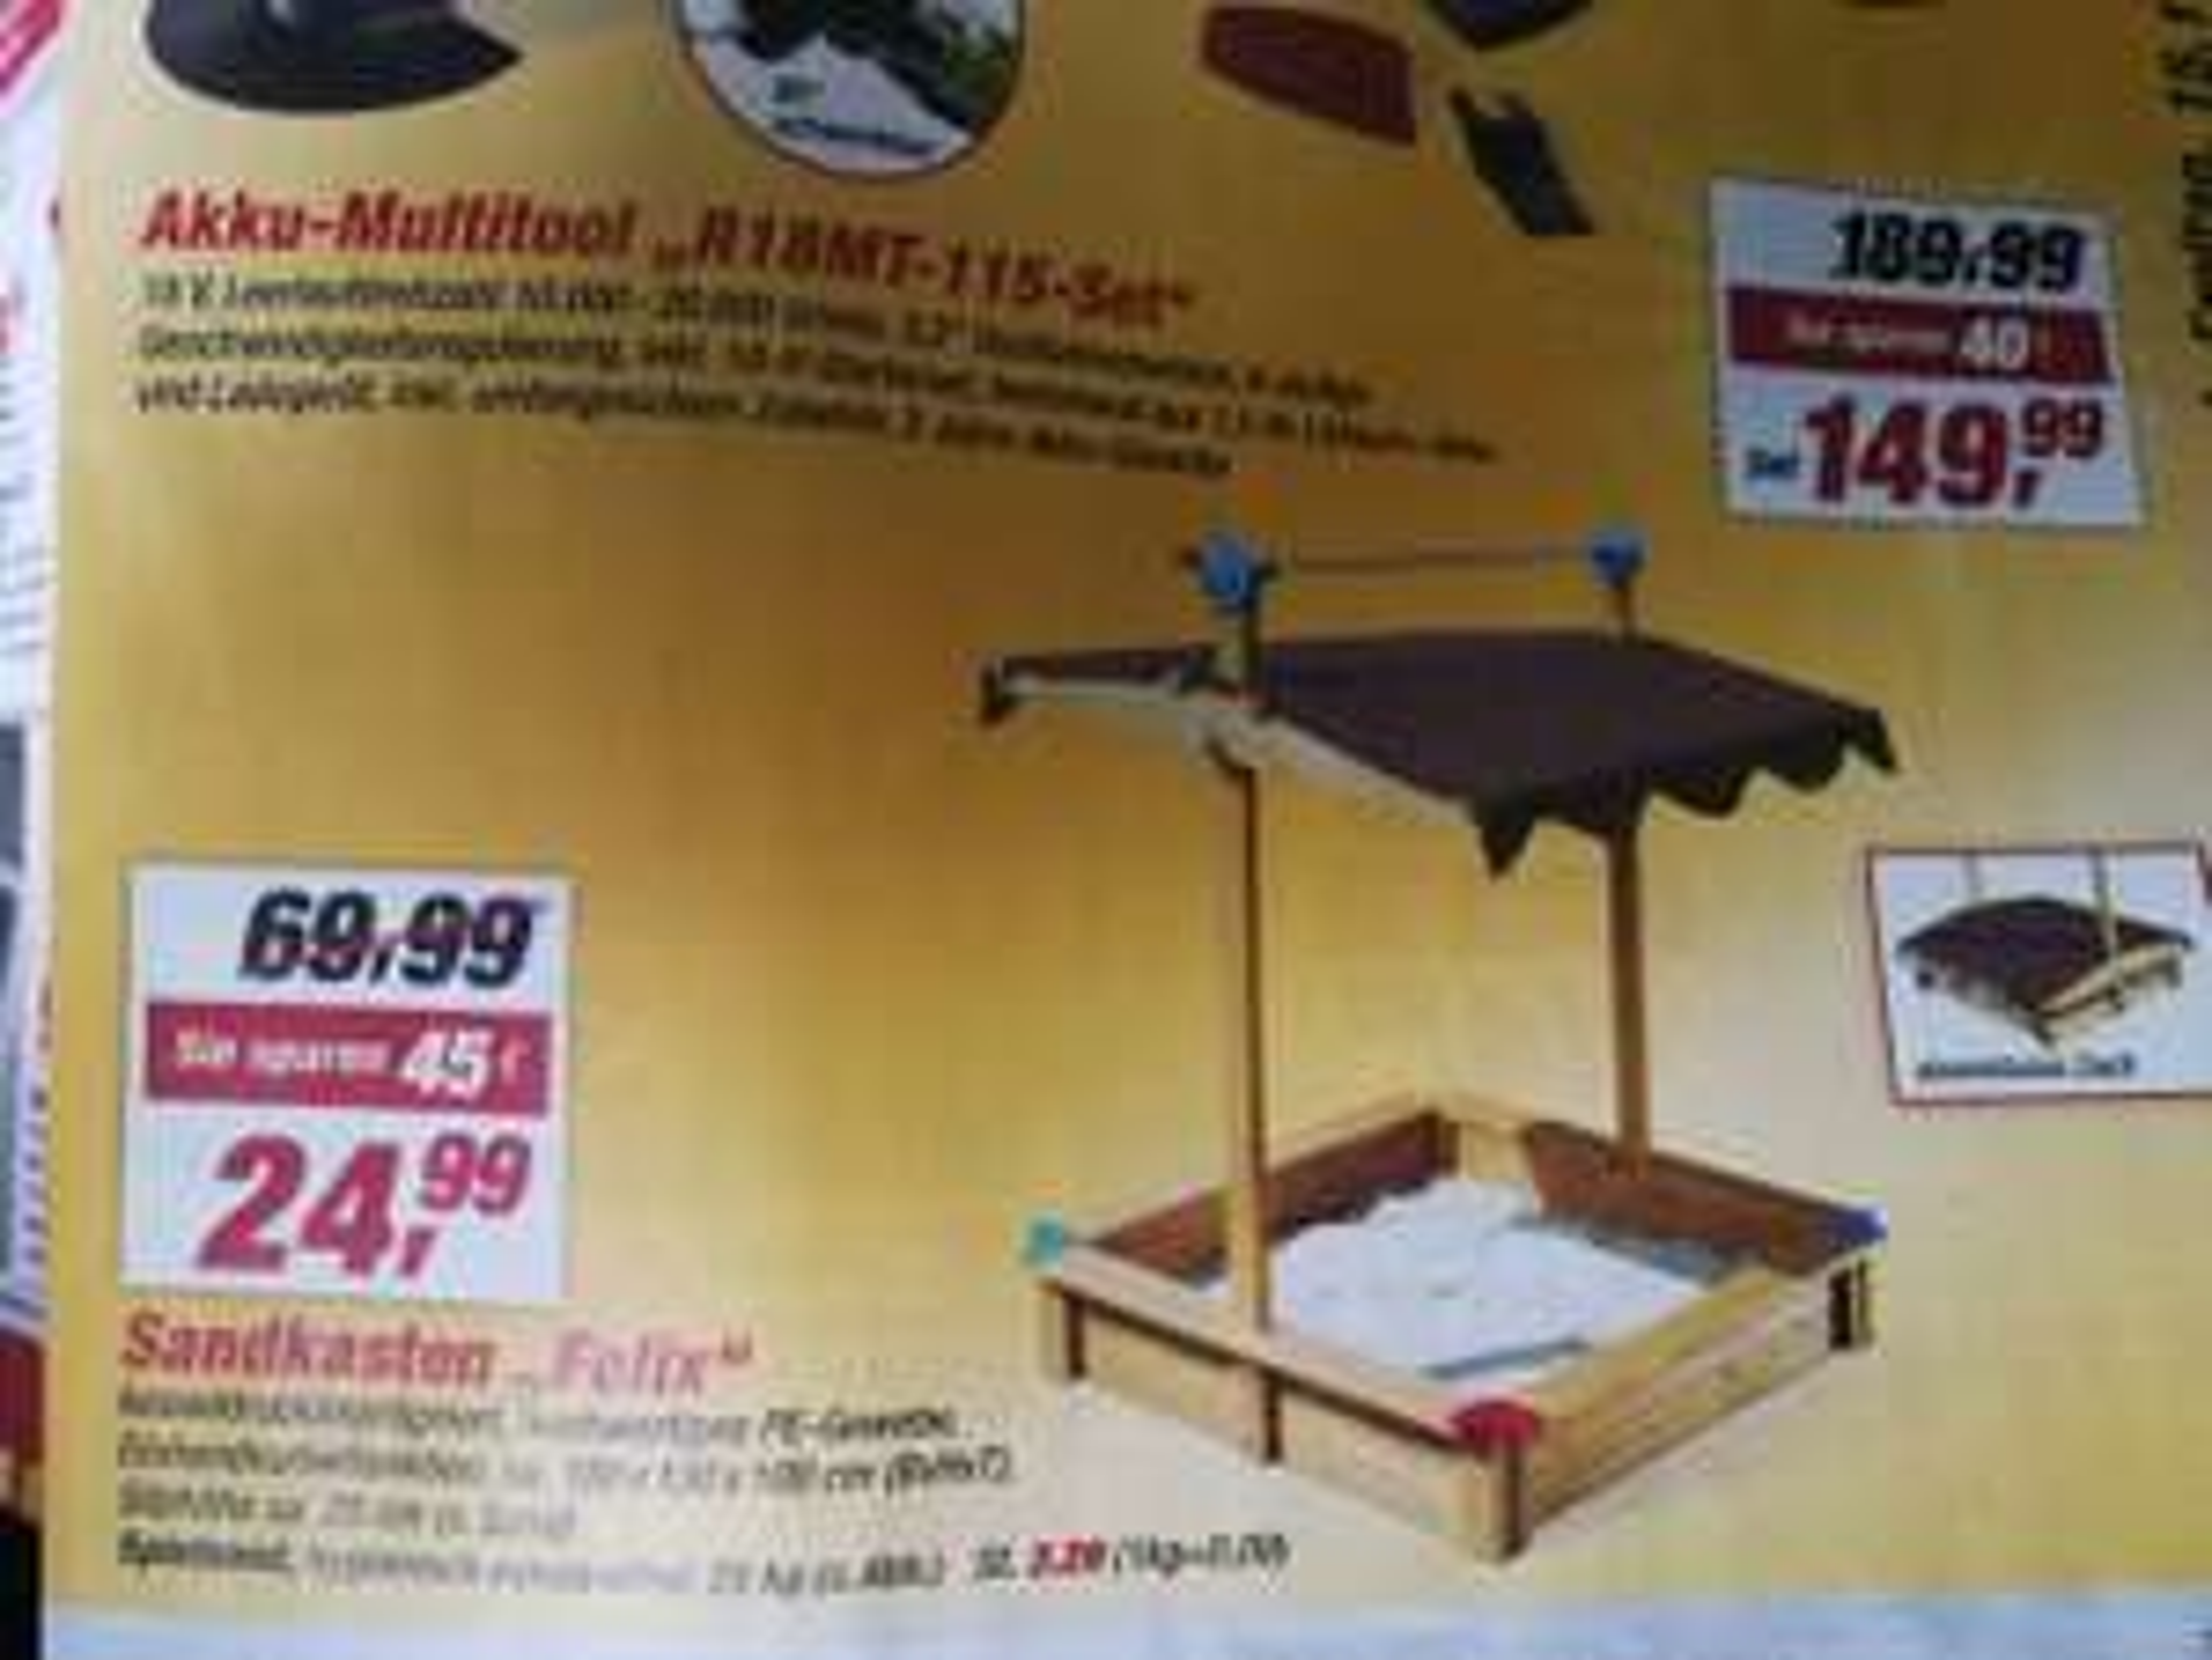 Sandkasten mit Dach zum absenken beim Toom Baumarkt ab Montag 11.12